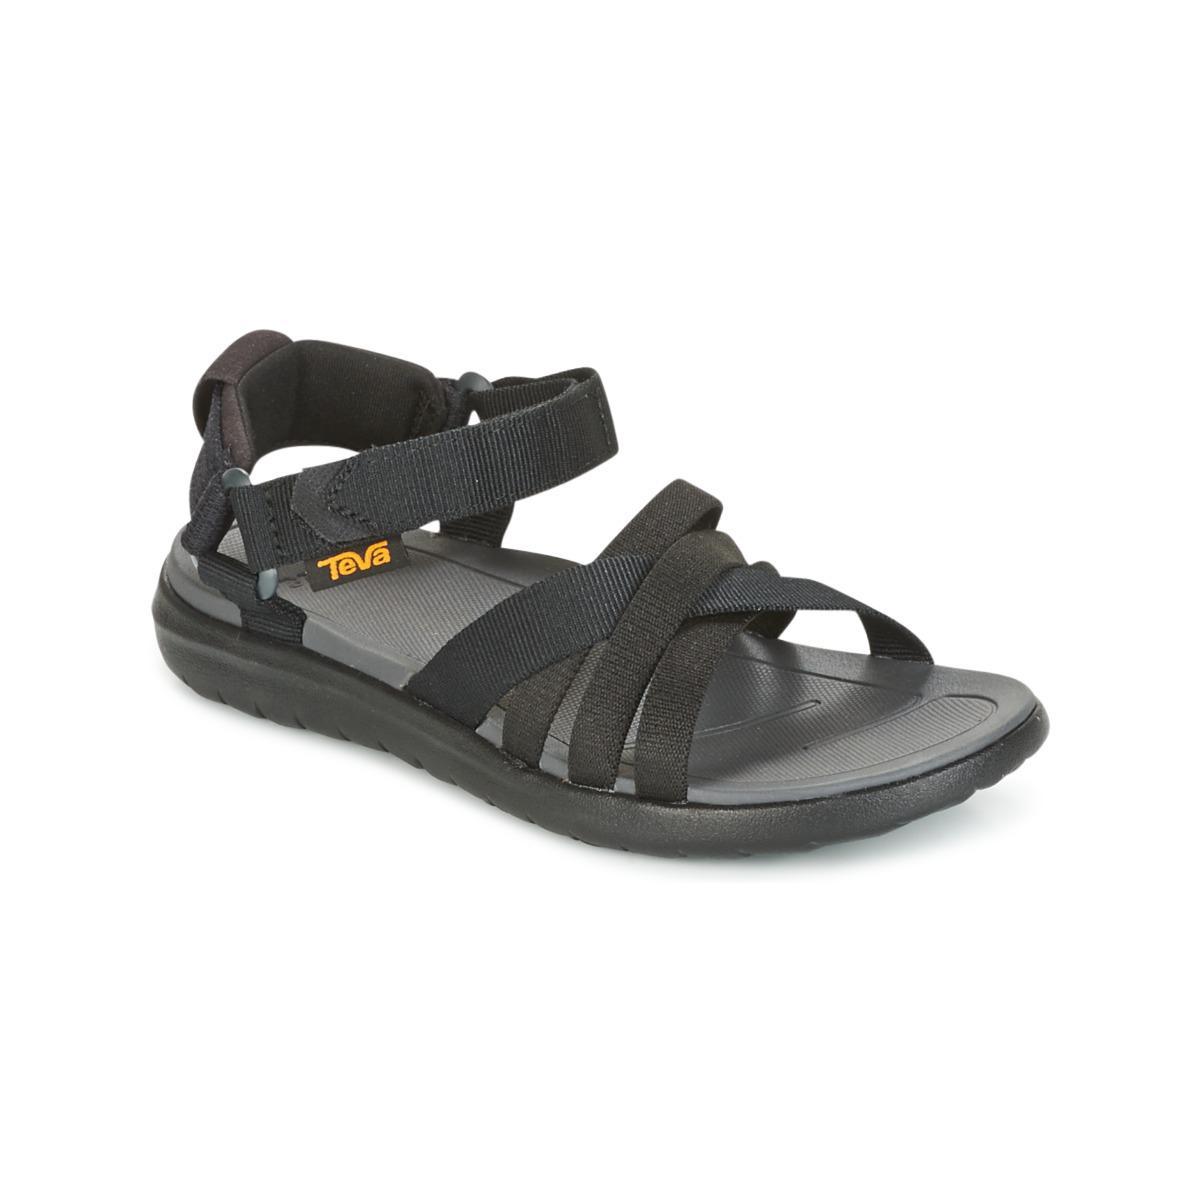 56d50f7348b7 Teva Sanborn Sandal Sandals in Black - Lyst